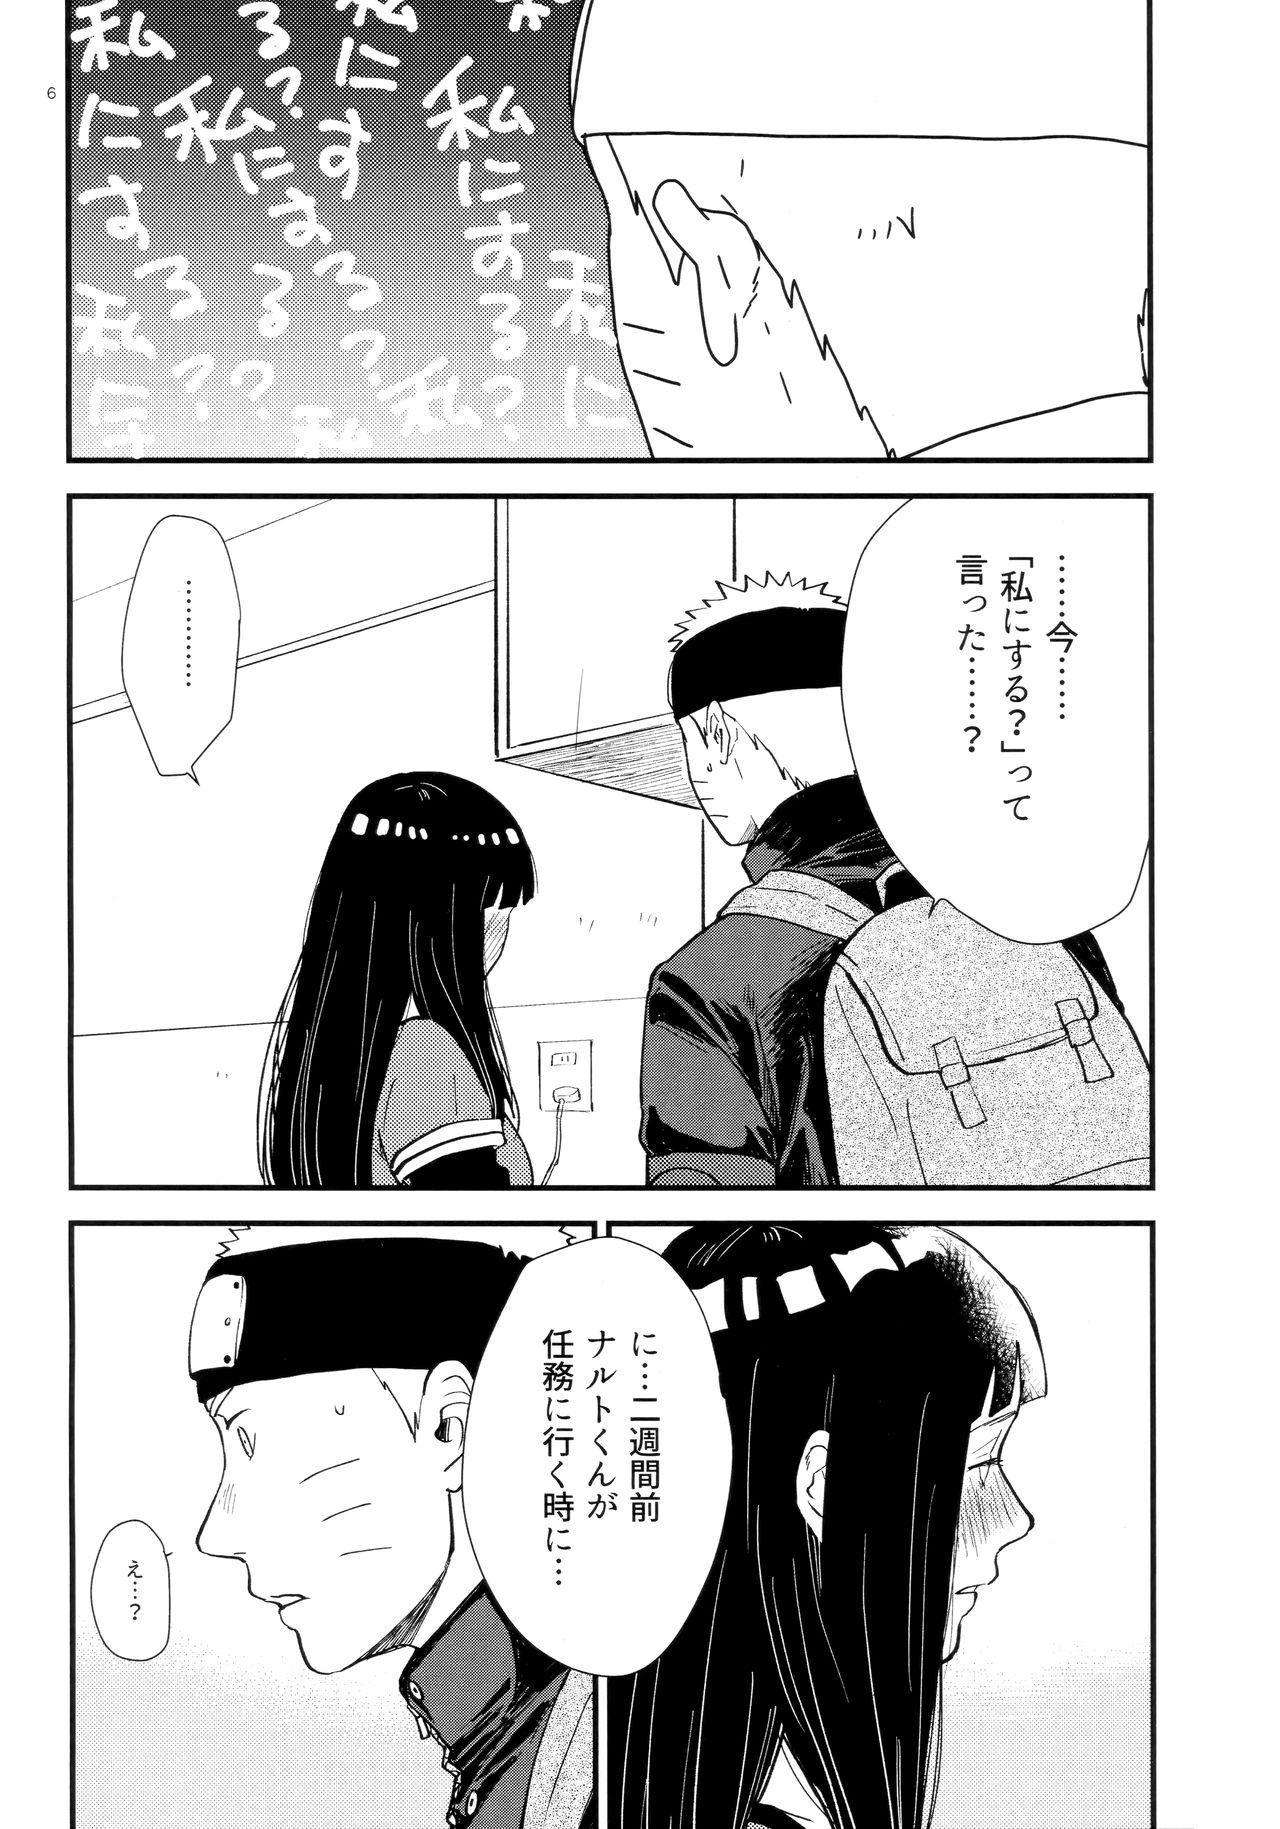 Hachimitsu to Himitsu 4